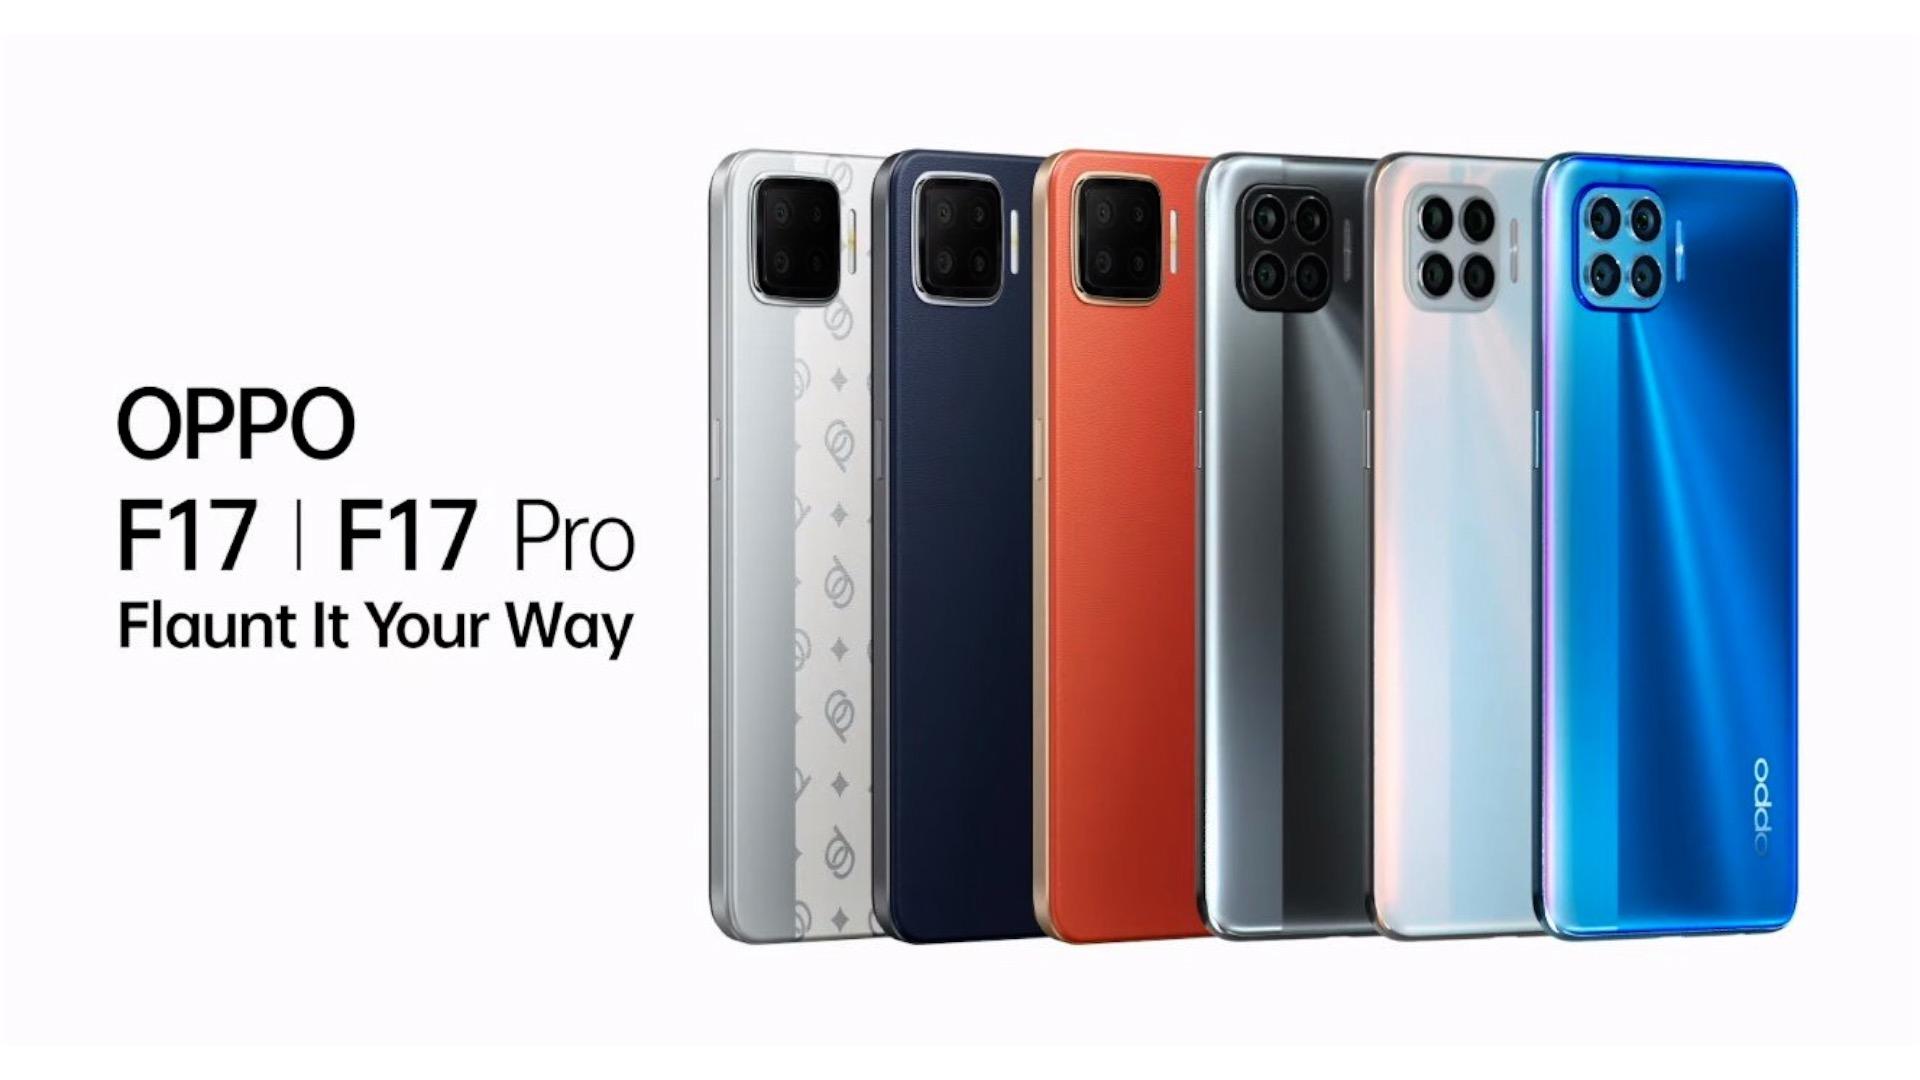 OPPO anuncia F17 e F17 Pro, o smartphone mais fino do mundo - GizChina.it